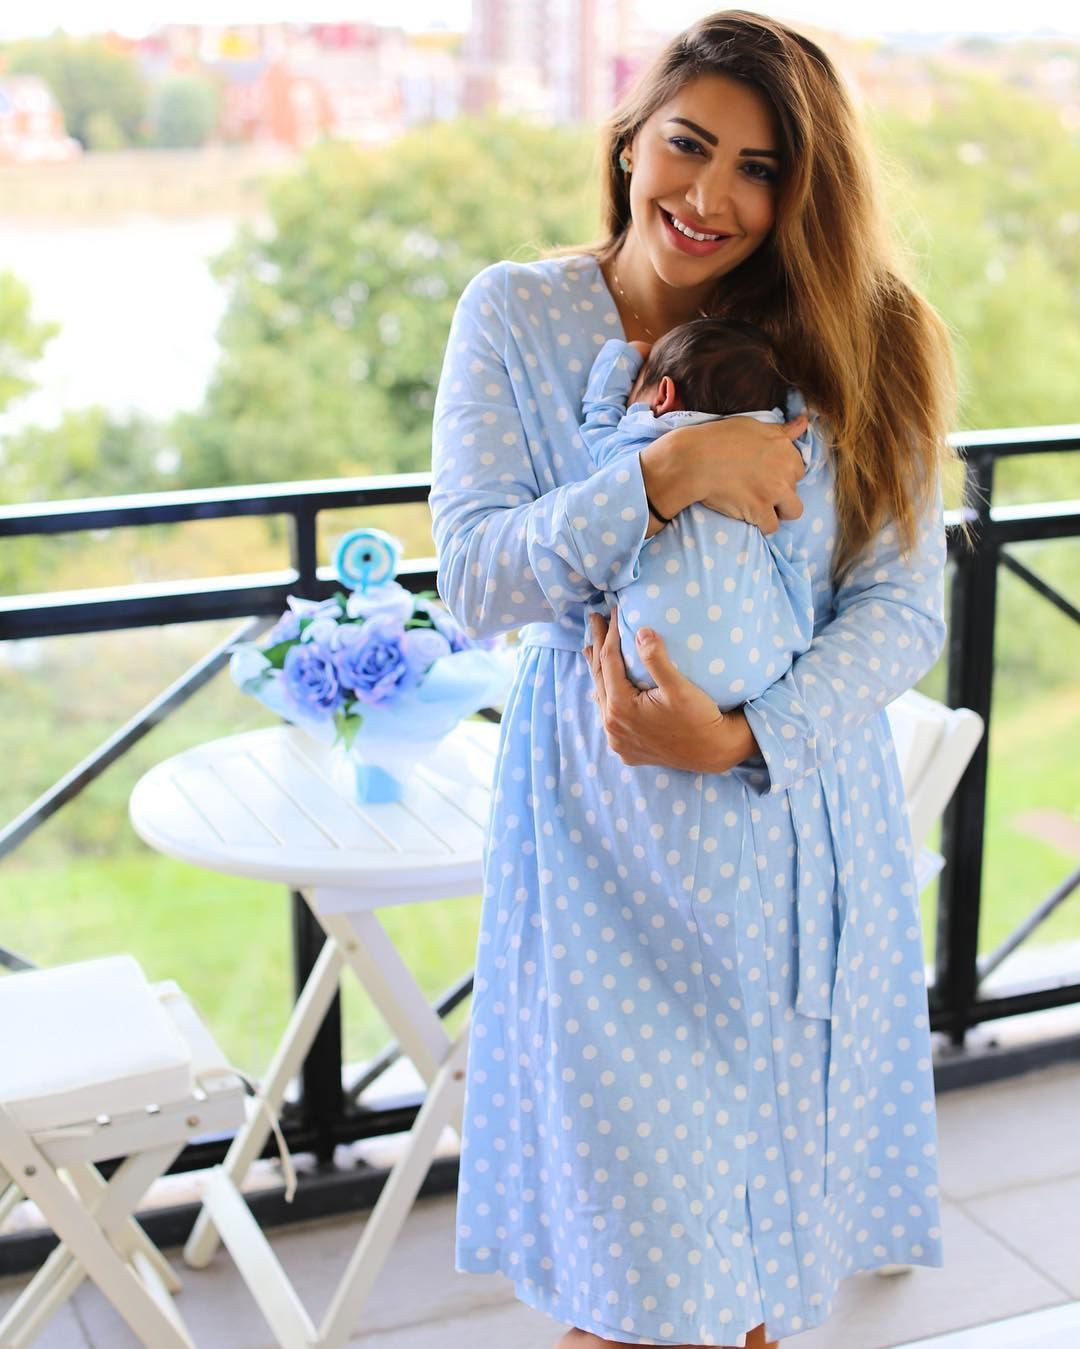 ملابس النفاس بالصور - روب استقبال ولادة